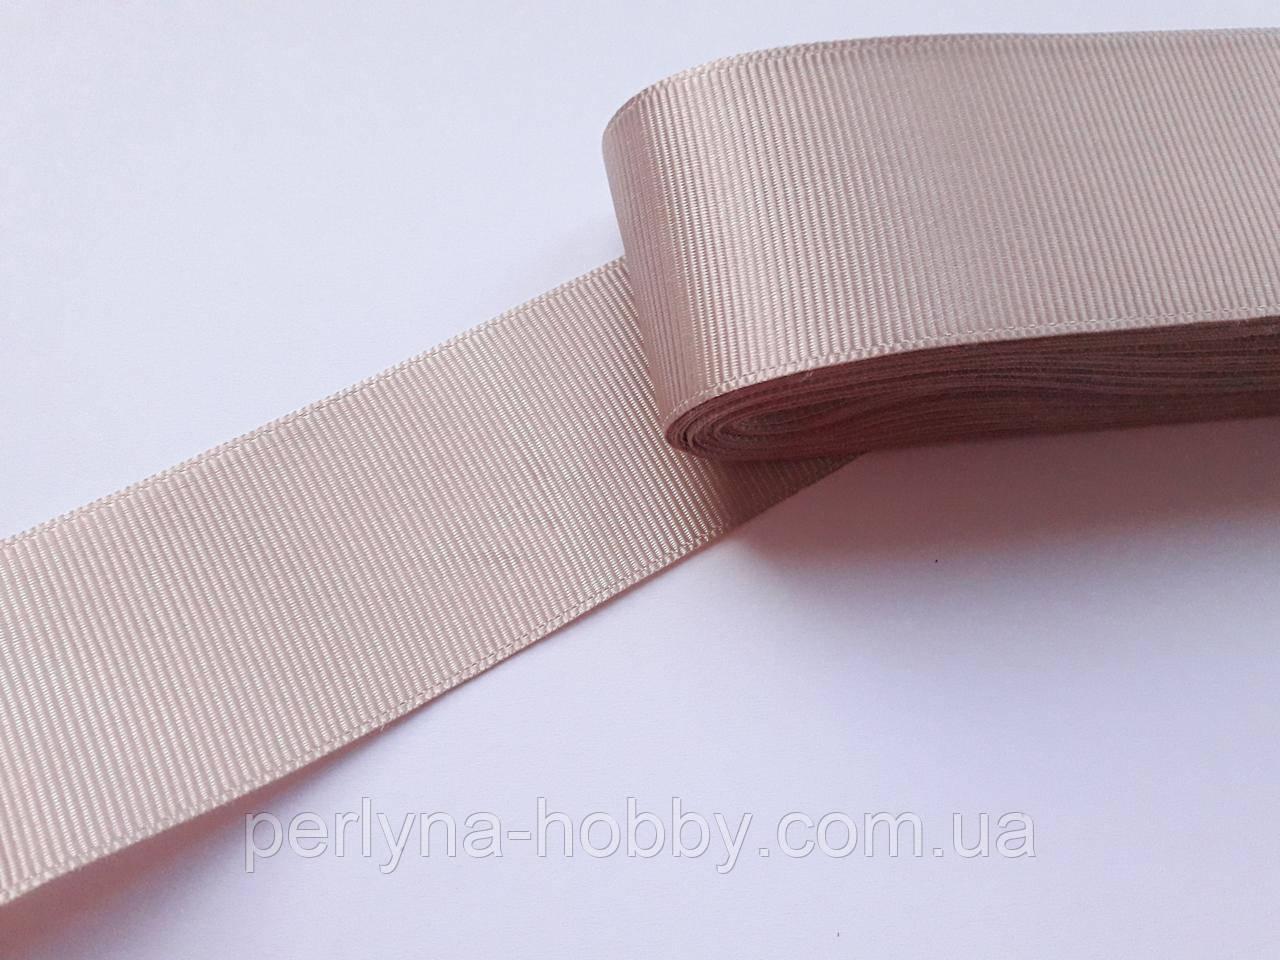 Стрічка репсова 40 мм, бежево-брудно-рожева №26. Туреччина